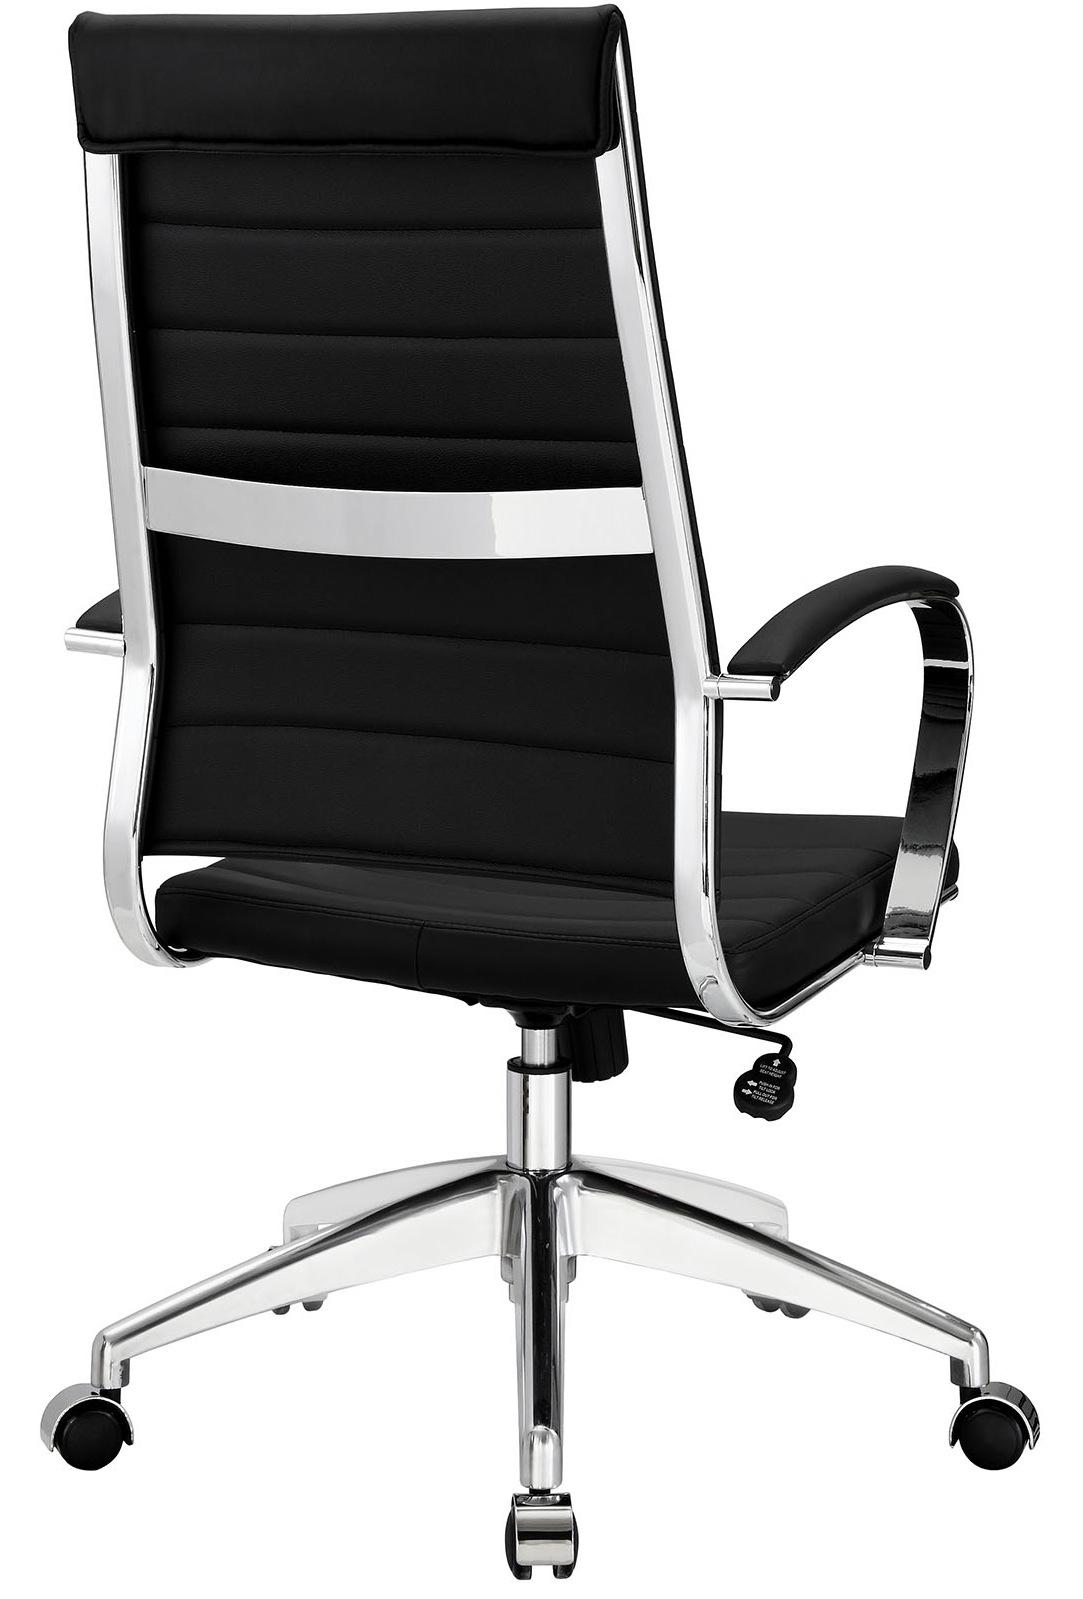 aria-high-back-office-chair-black.jpg